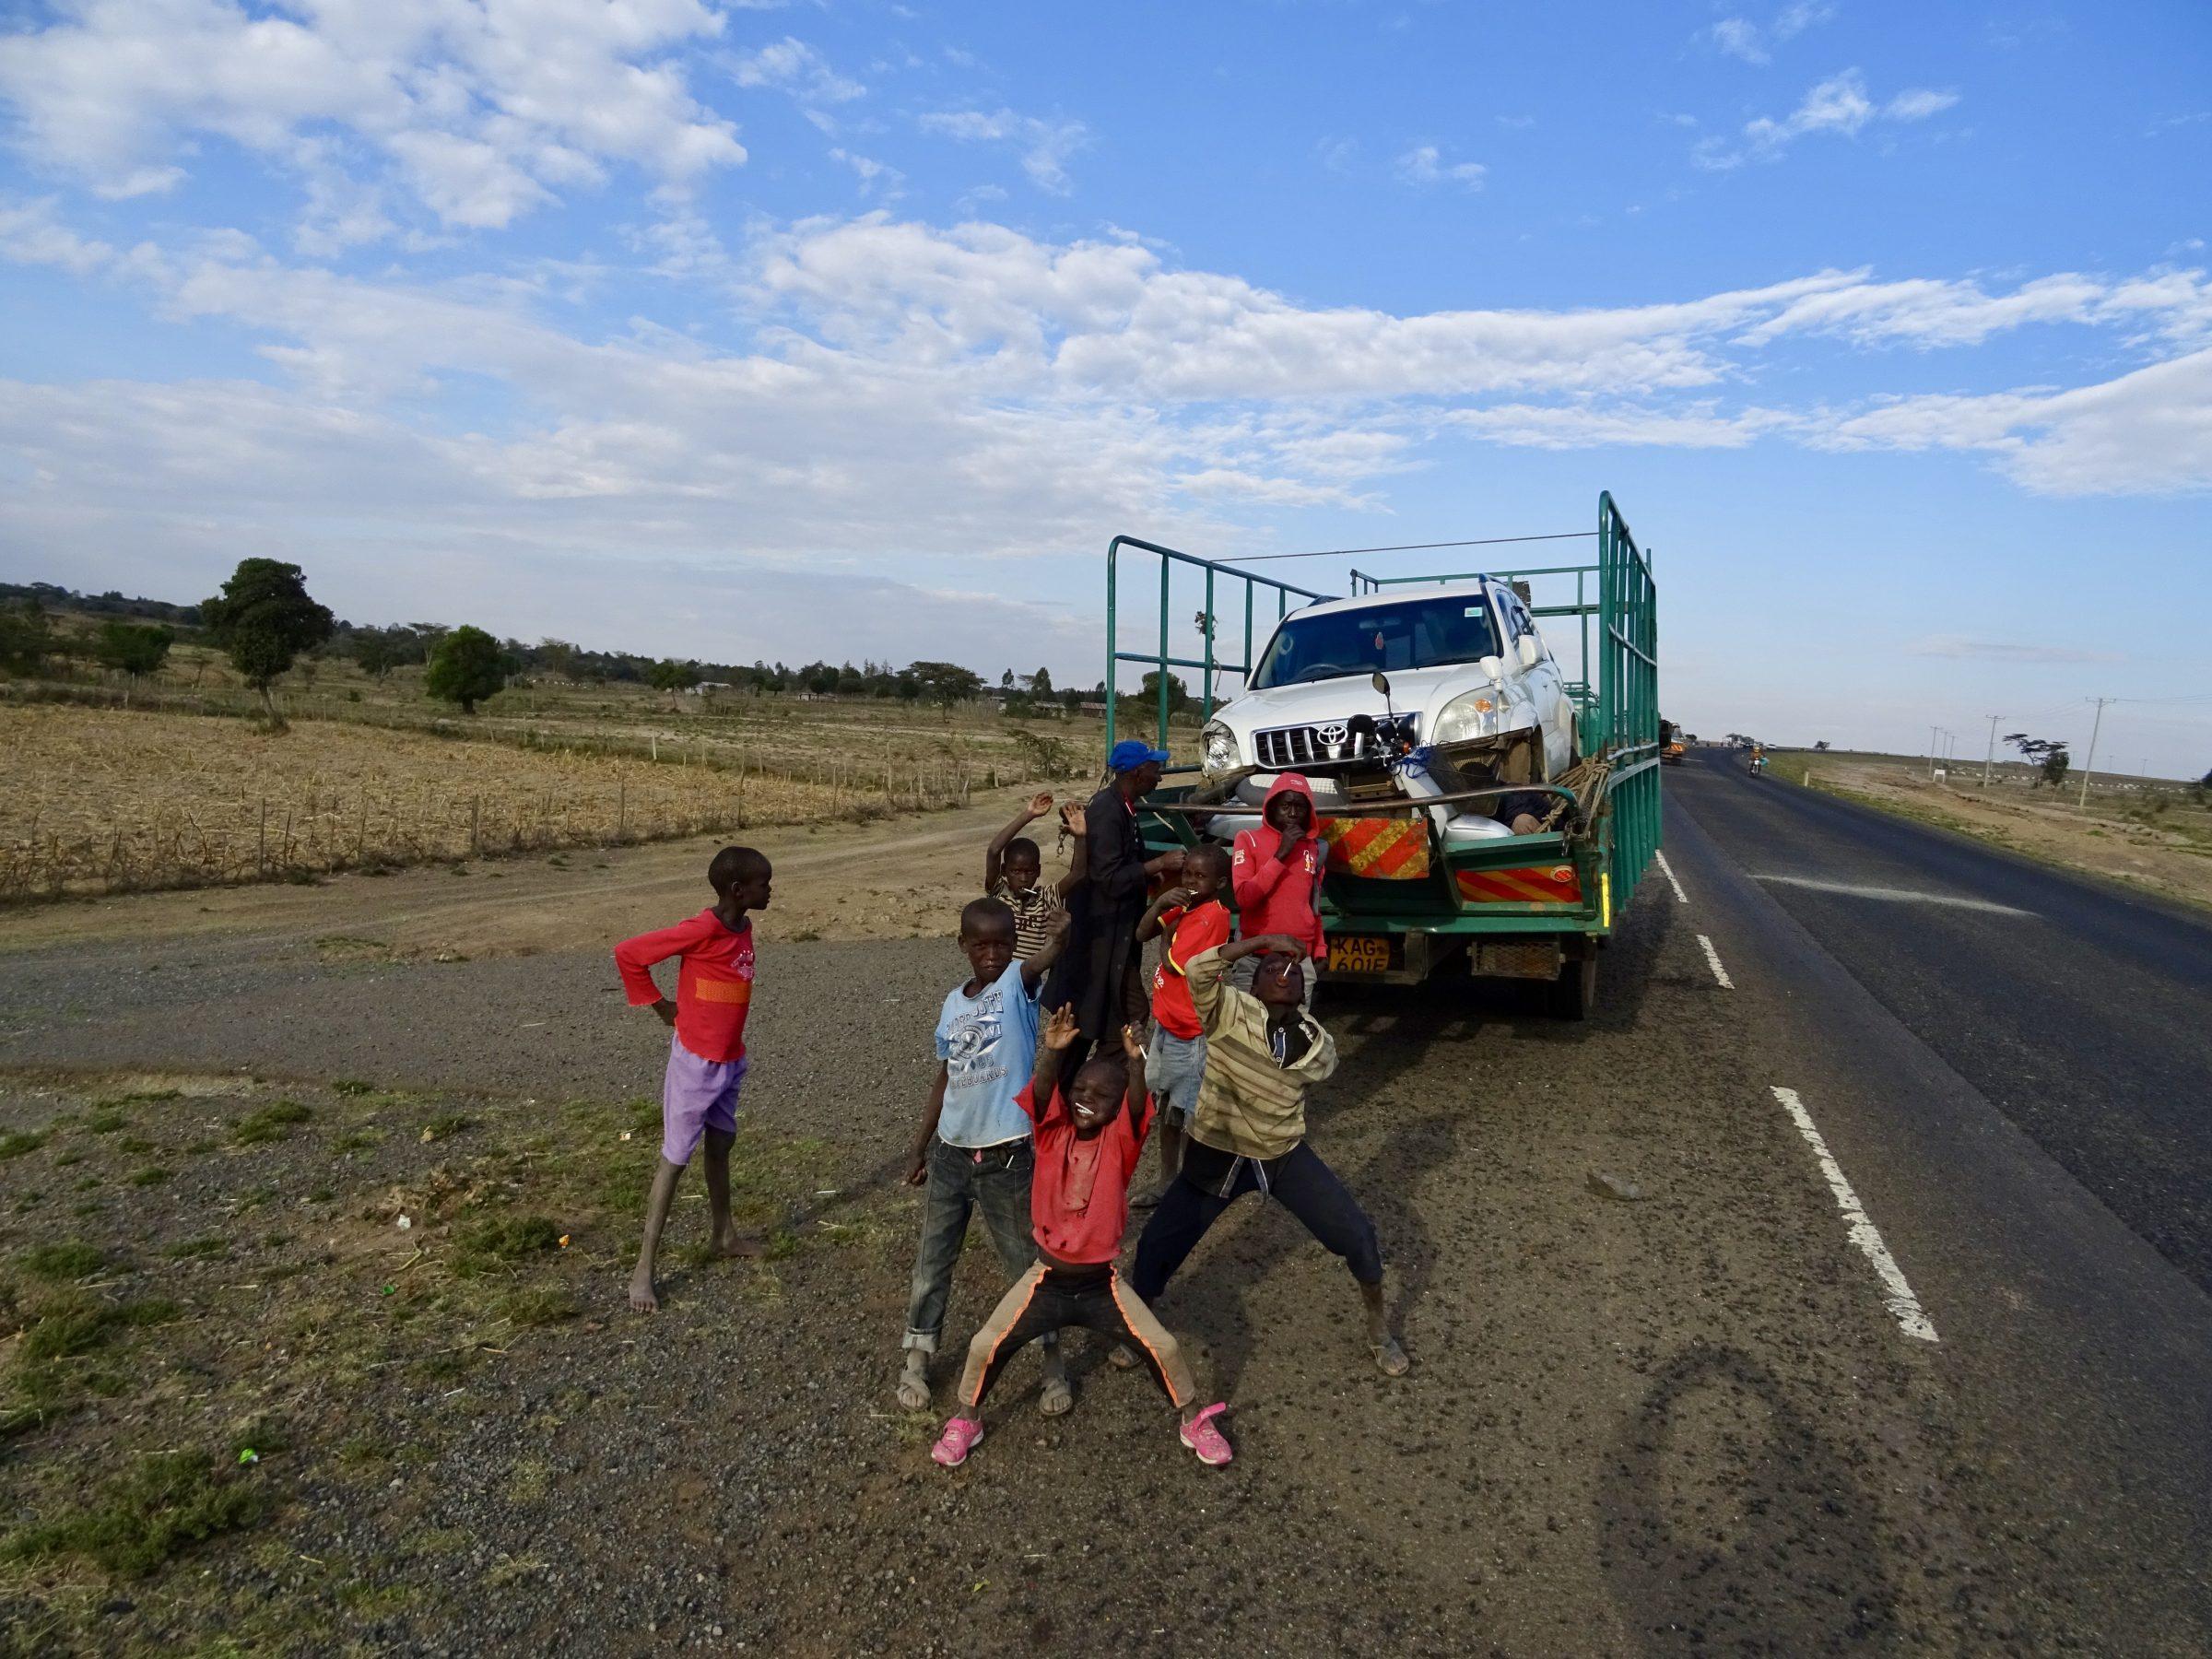 De scooter is kapot en wordt op een vrachtauto geladen nabij Narok (de ingang tot de Masai Mara in Kenia)